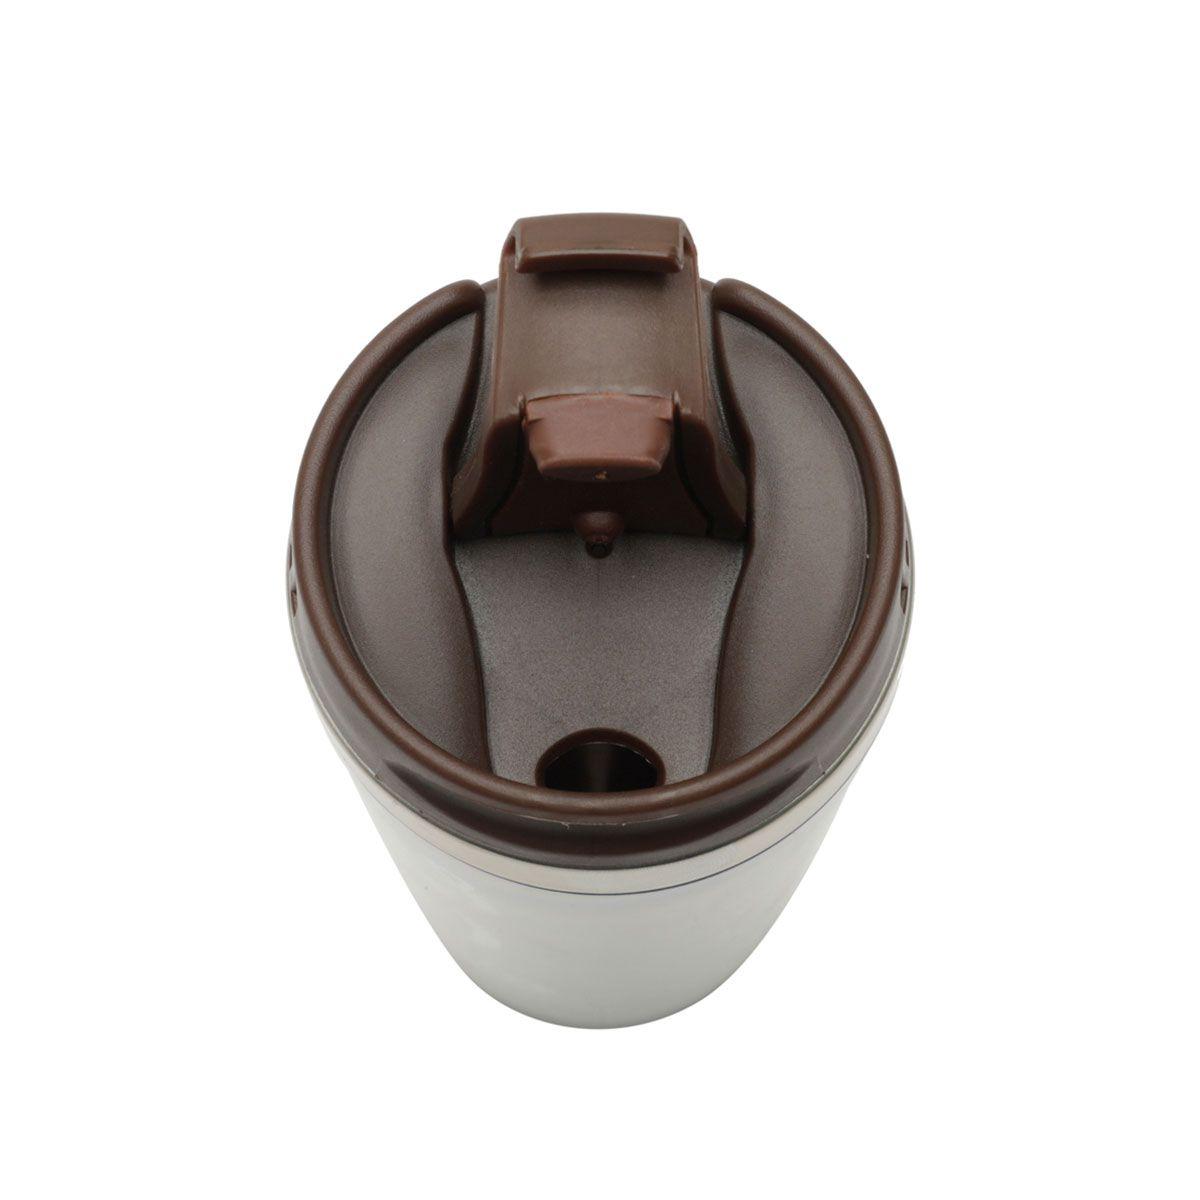 Copo Térmico Expresso Café Life Begins After Coffee 500 ml